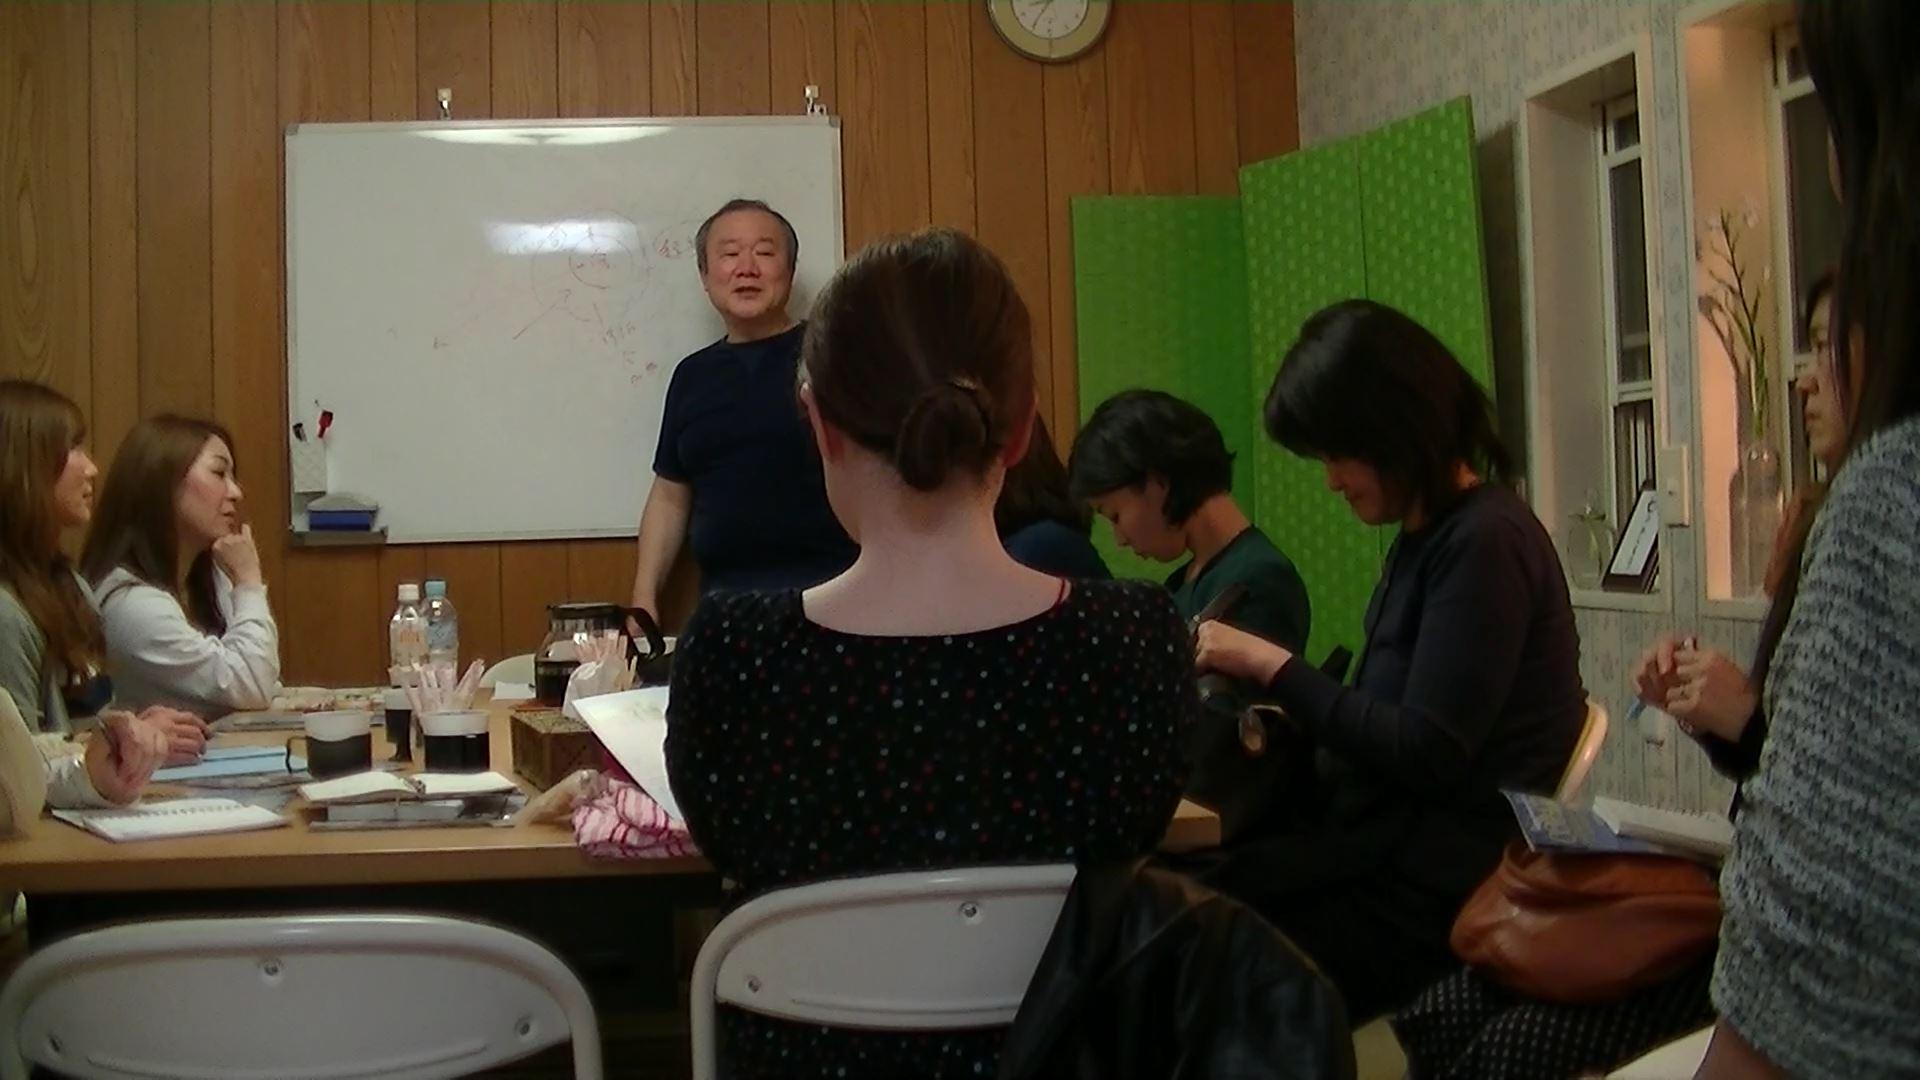 00479.MTS 000070703 - 2019年7月16日愛の子育て塾第15期第2講座開催しました。